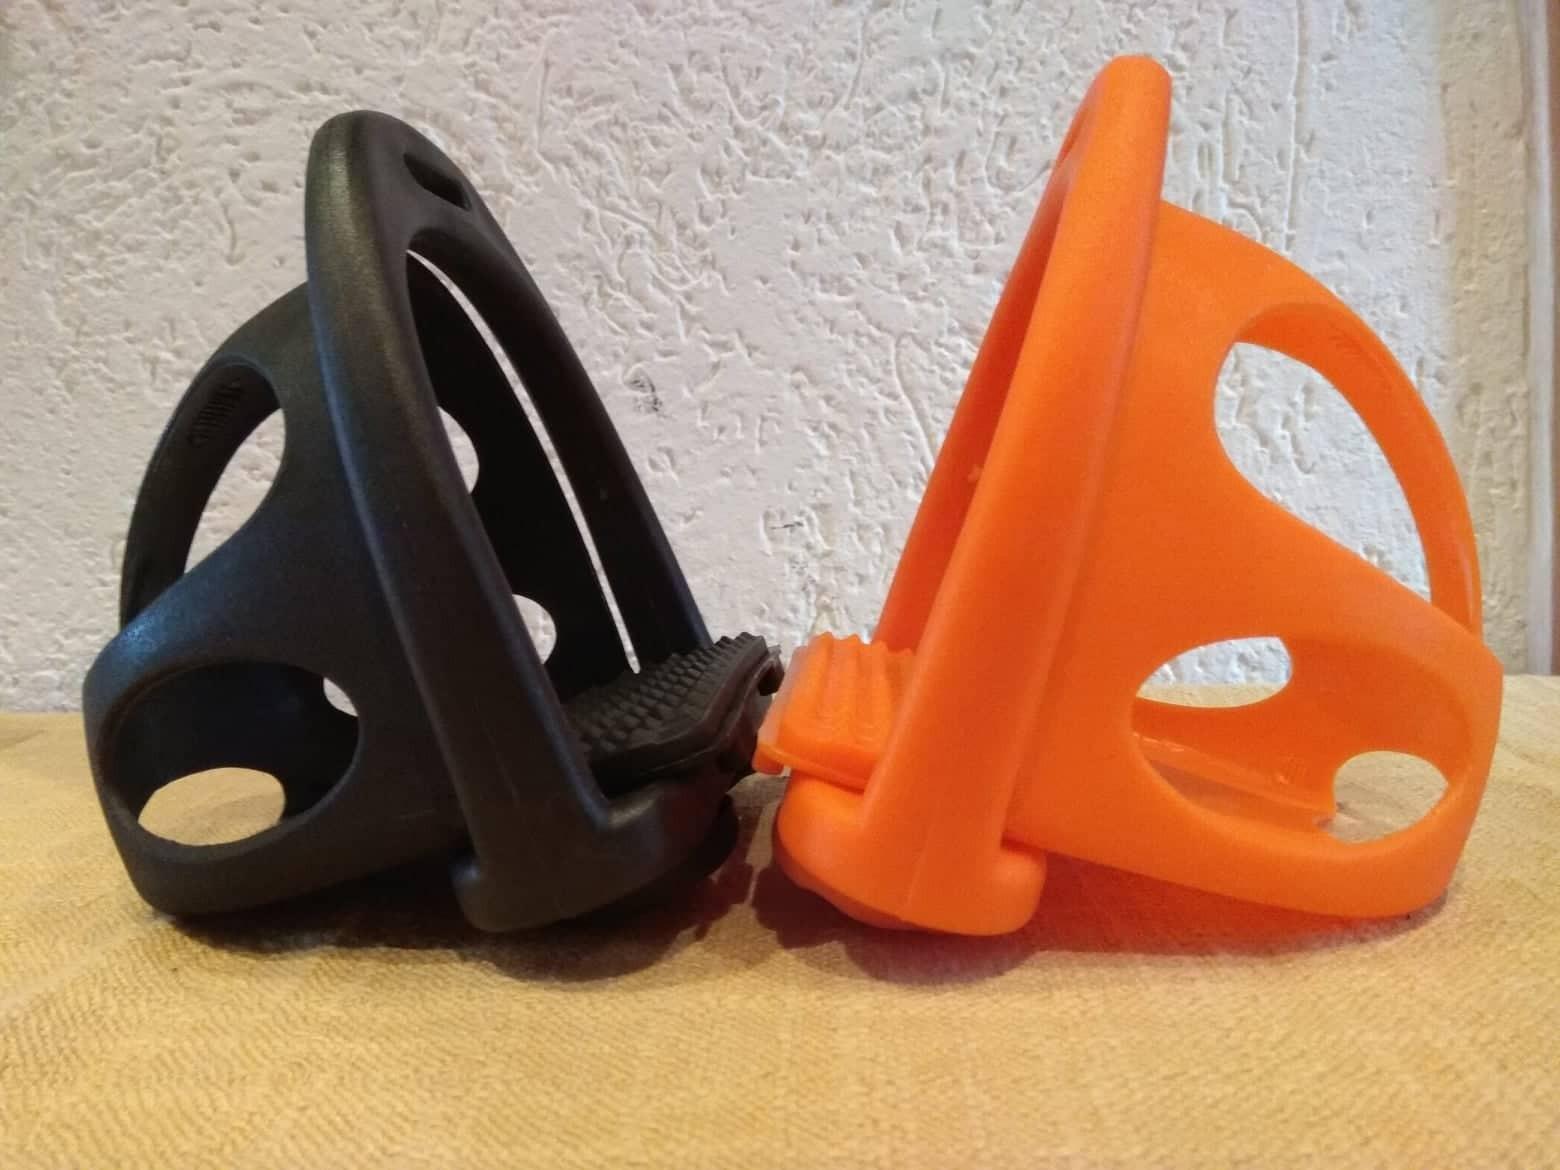 Podium Steigbügel aus Kunststoff mit Korb sehr leicht